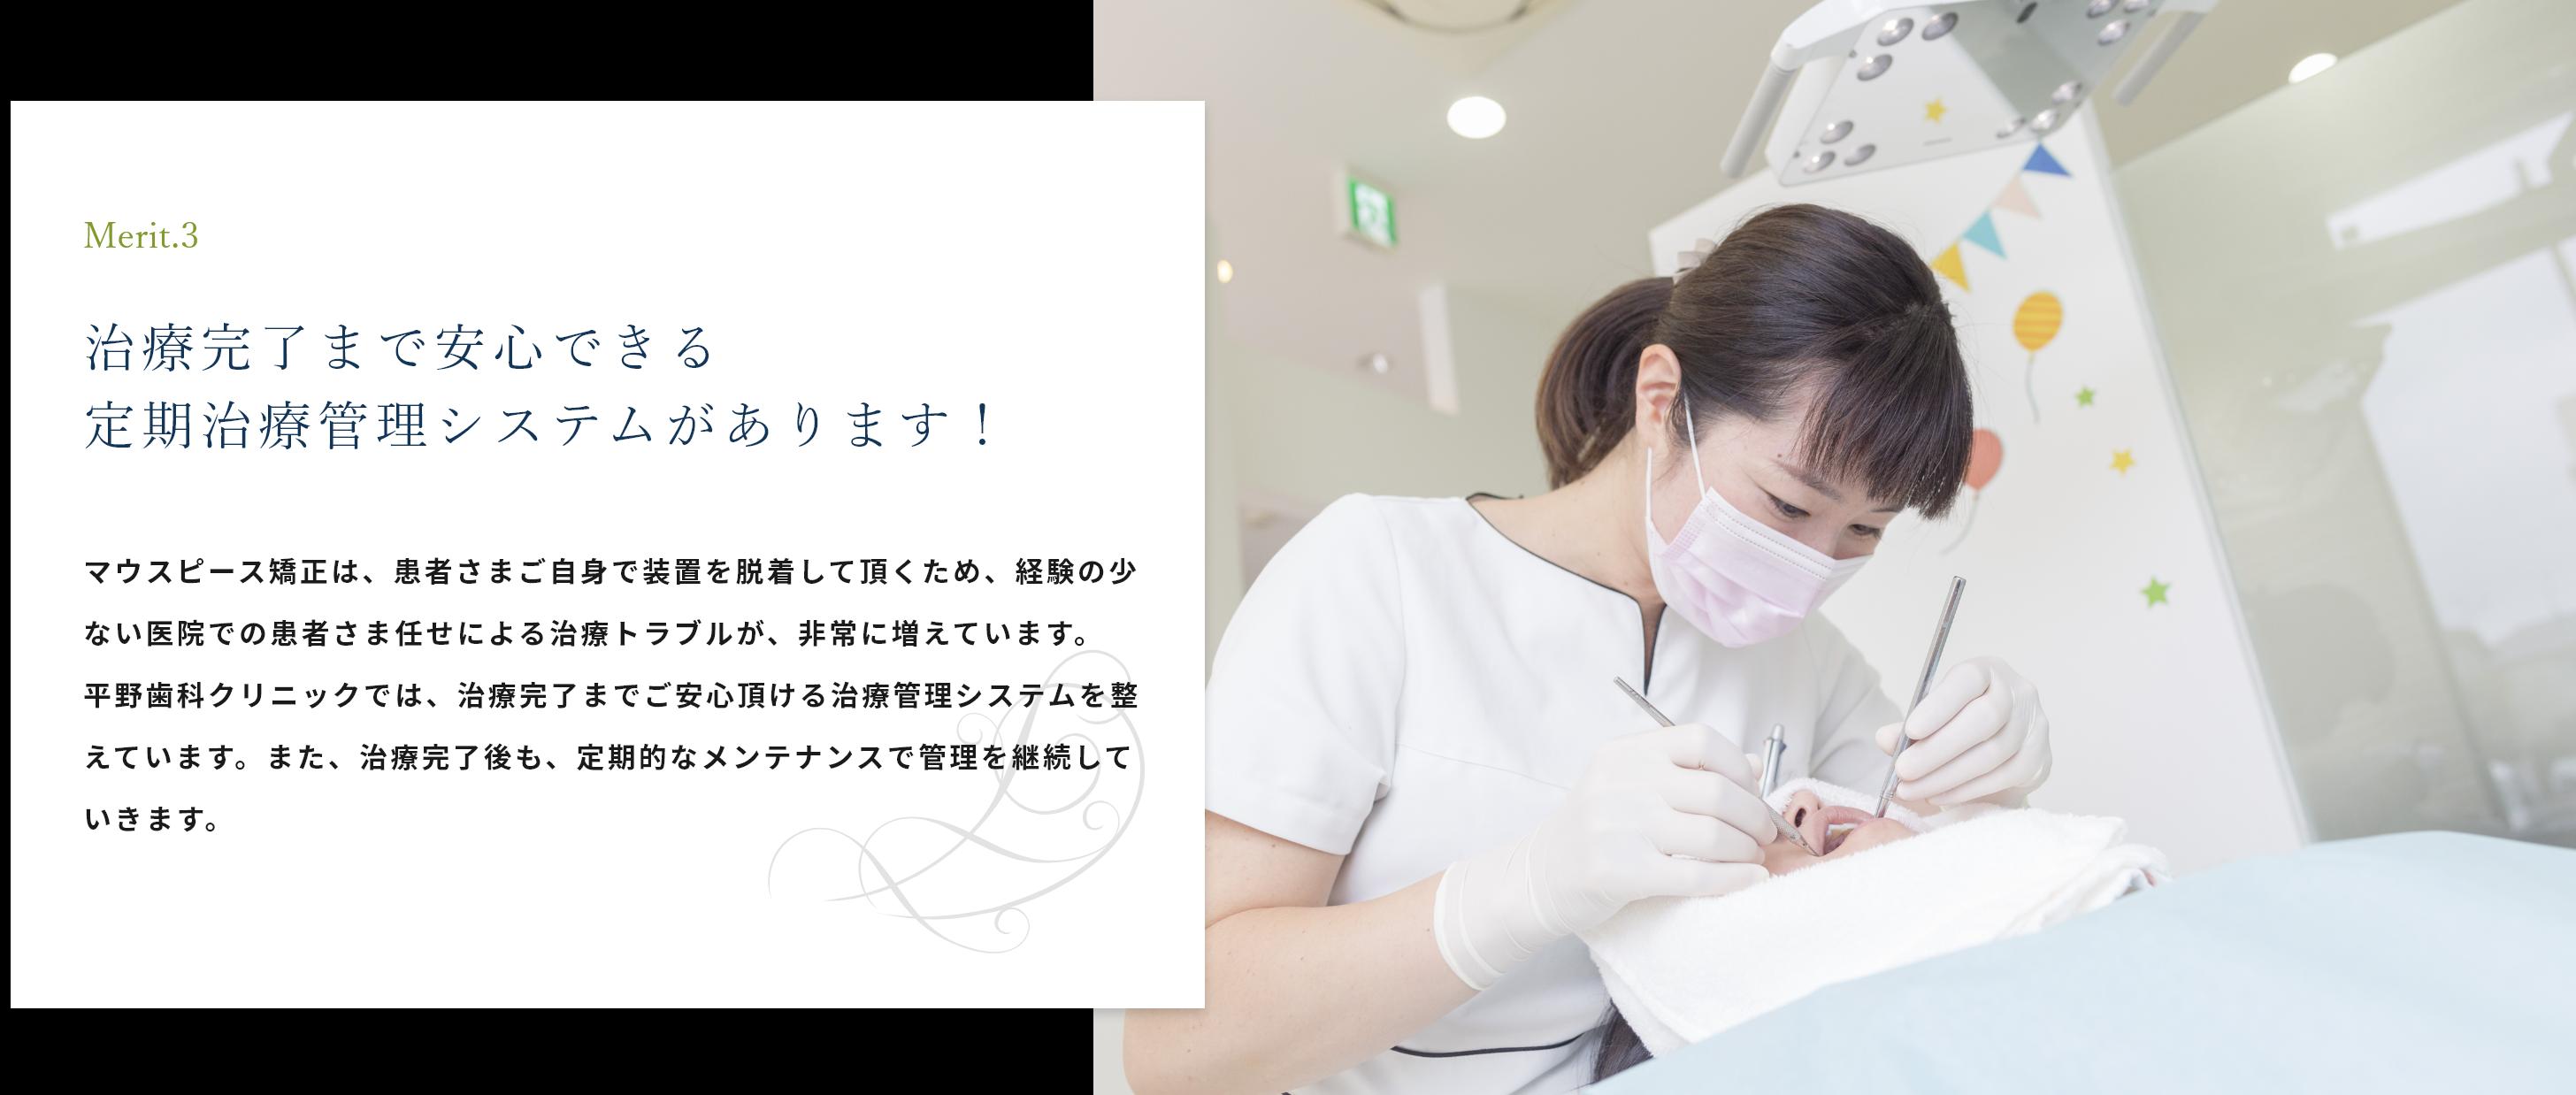 治療完了まで安心できる定期治療管理システムがあります!